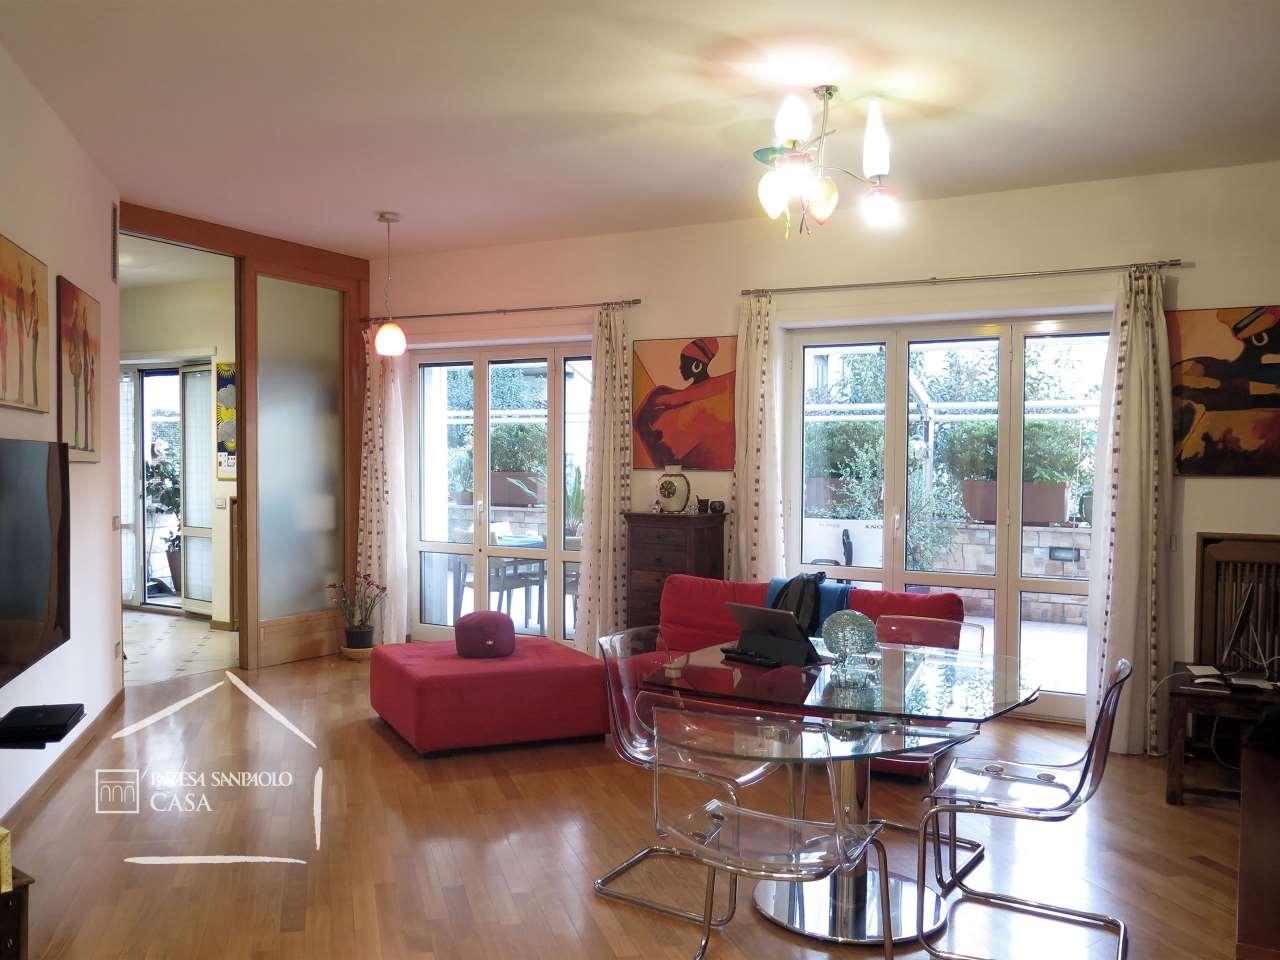 Appartamento in Vendita a Napoli: 4 locali, 121 mq